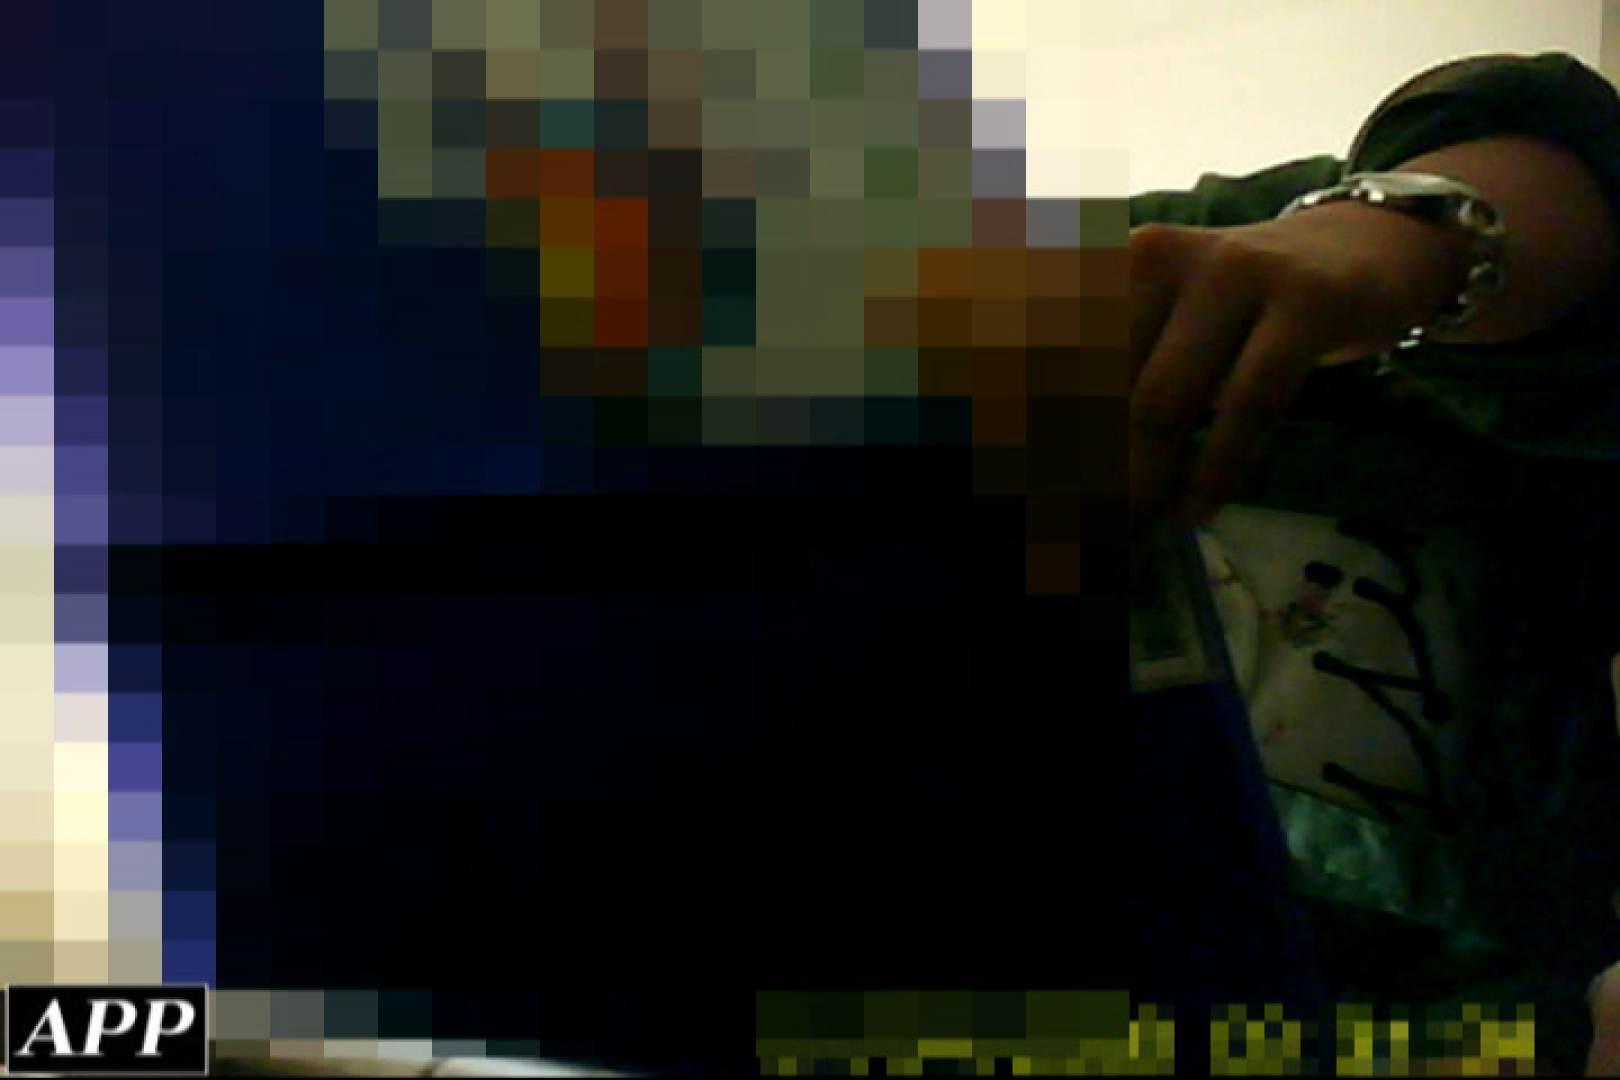 3視点洗面所 vol.118 盗撮映像大放出 おめこ無修正動画無料 104連発 75